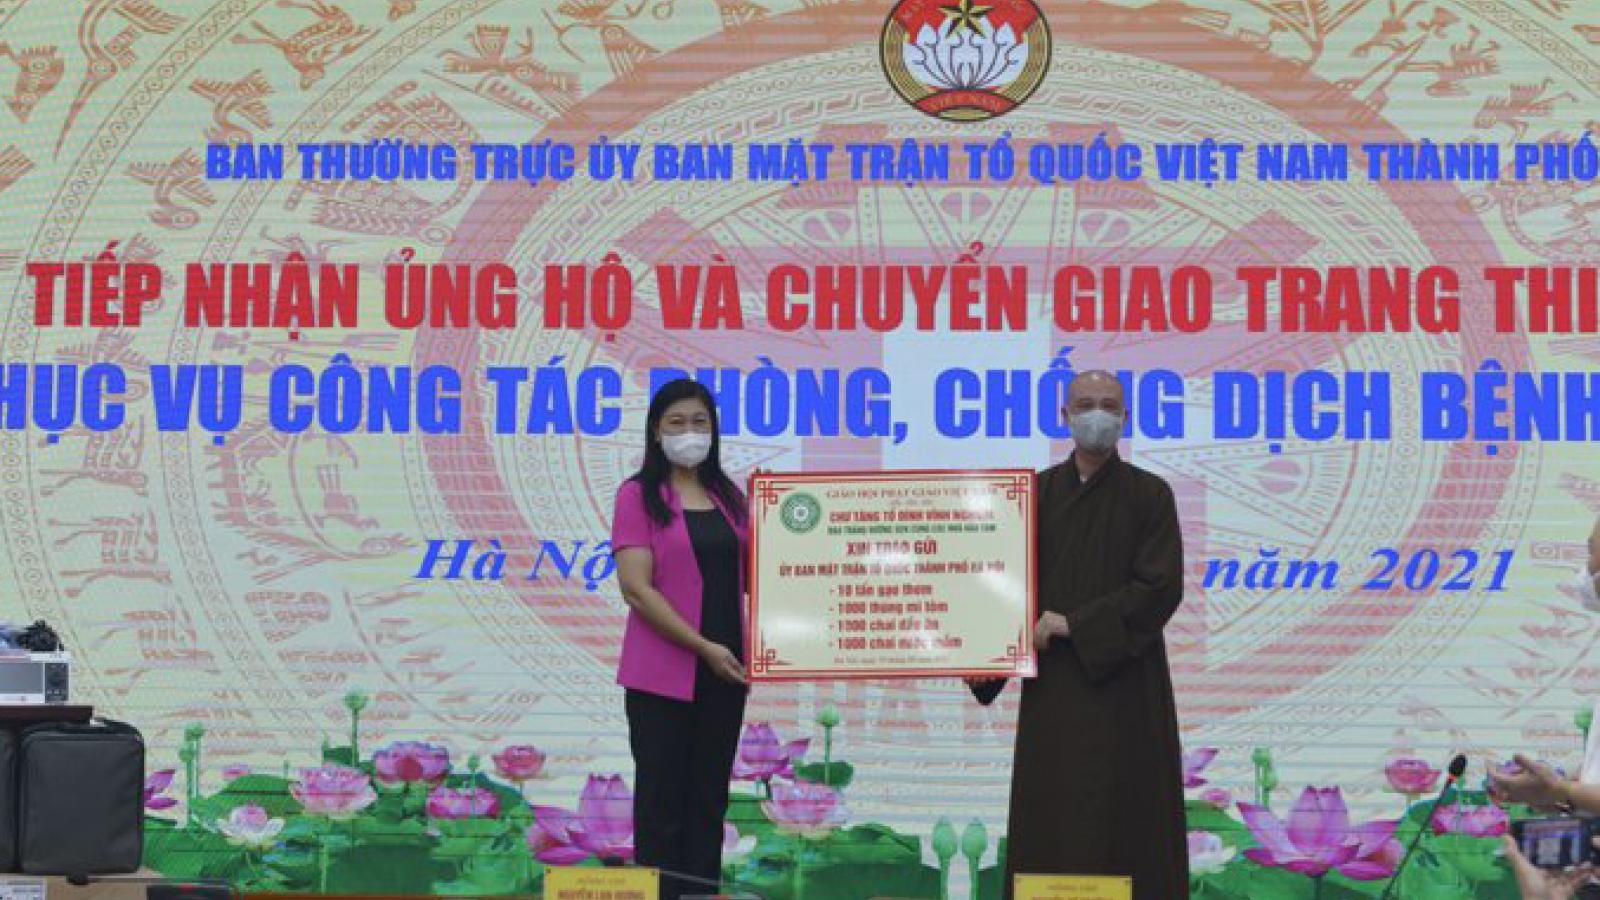 MTTQ thành phố Hà Nội tiếp nhận và chuyển giao trang thiết bị phòng, chống dịch